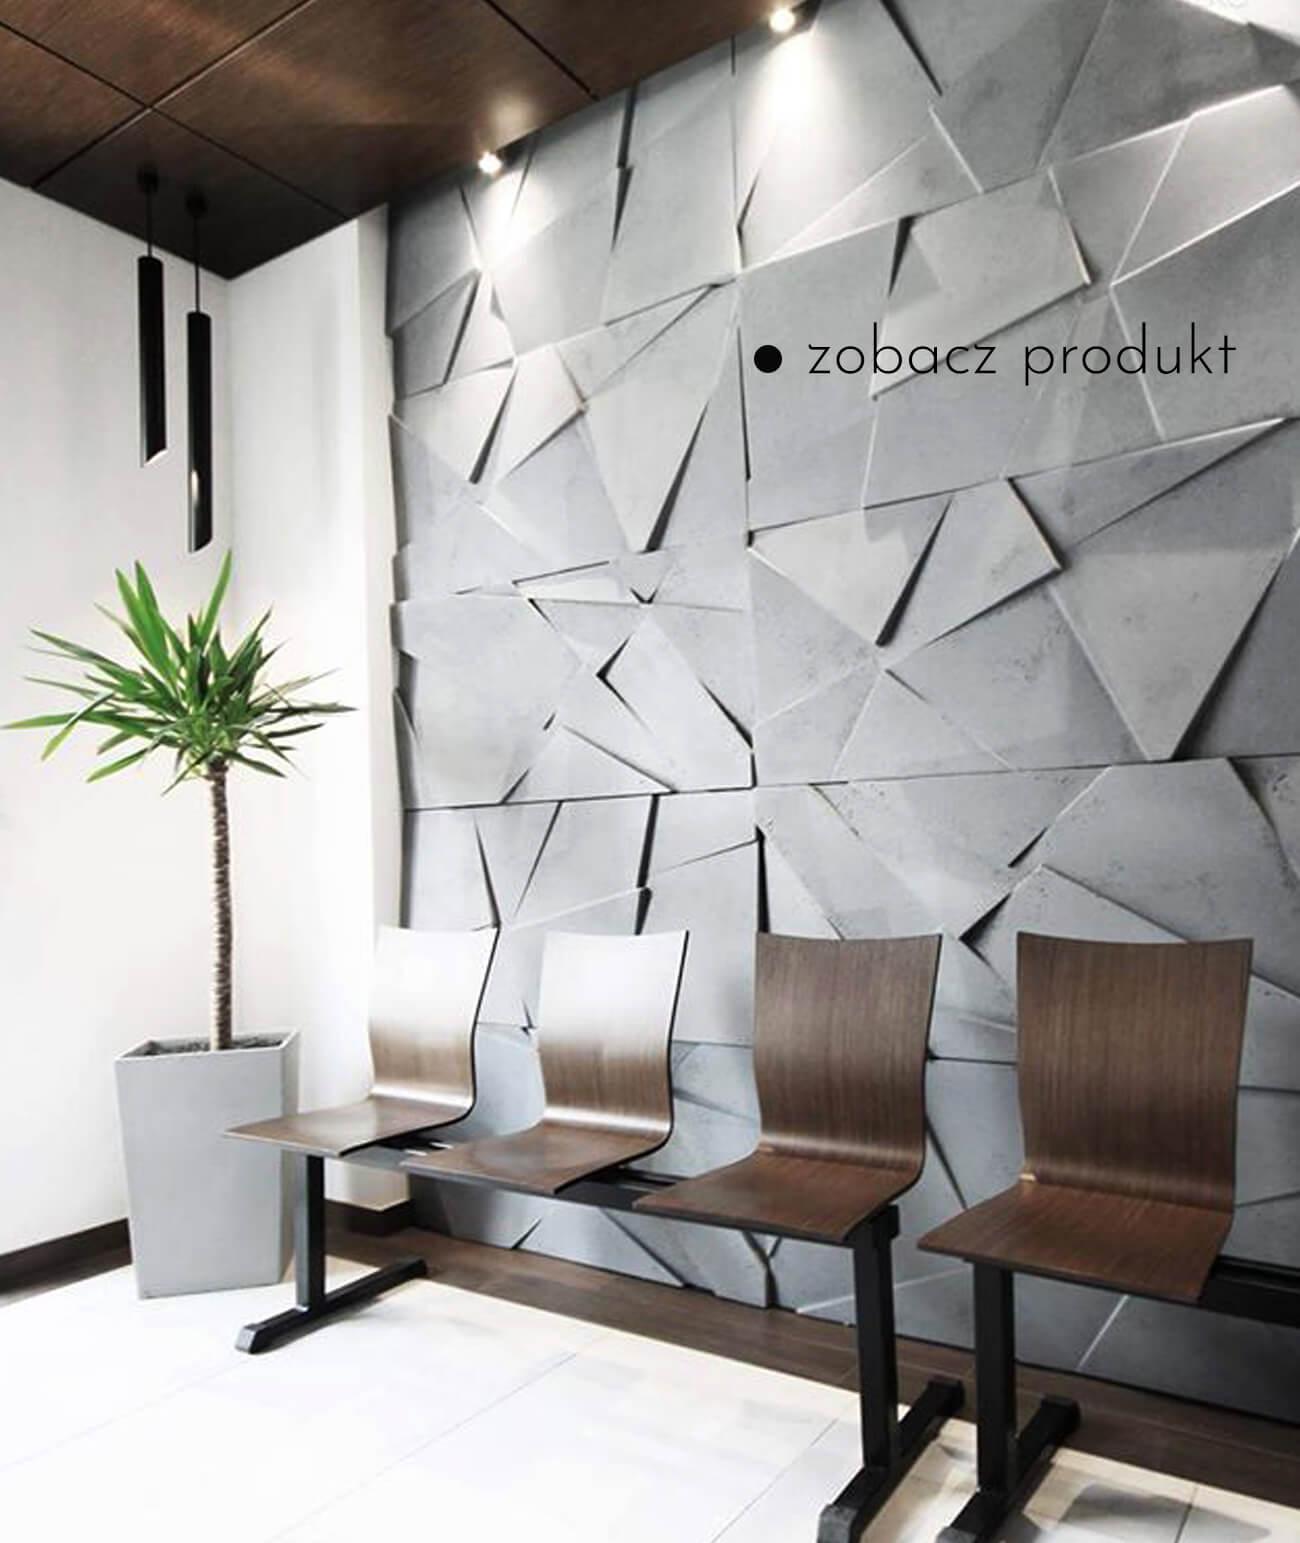 panele-betonowe-3d-scienne-i-elewacyjne-beton-architektoniczny_326-1744-pb05-s96-ciemny-szary-krysztal---panel-dekor-3d-beton-architektoniczny-panel-scienny